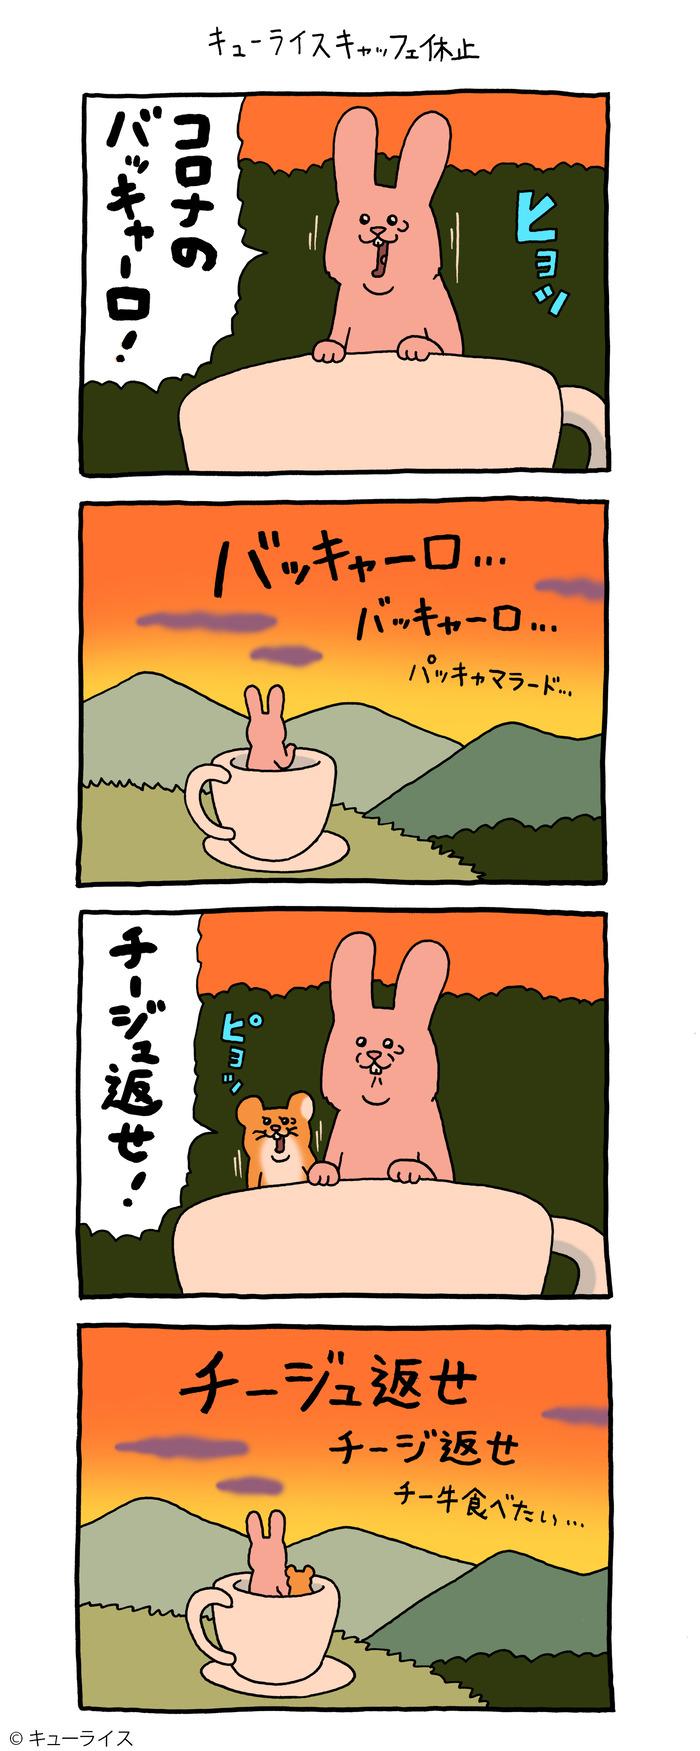 スキウサギ キューライスーライスキャッフェ中止 のコピー